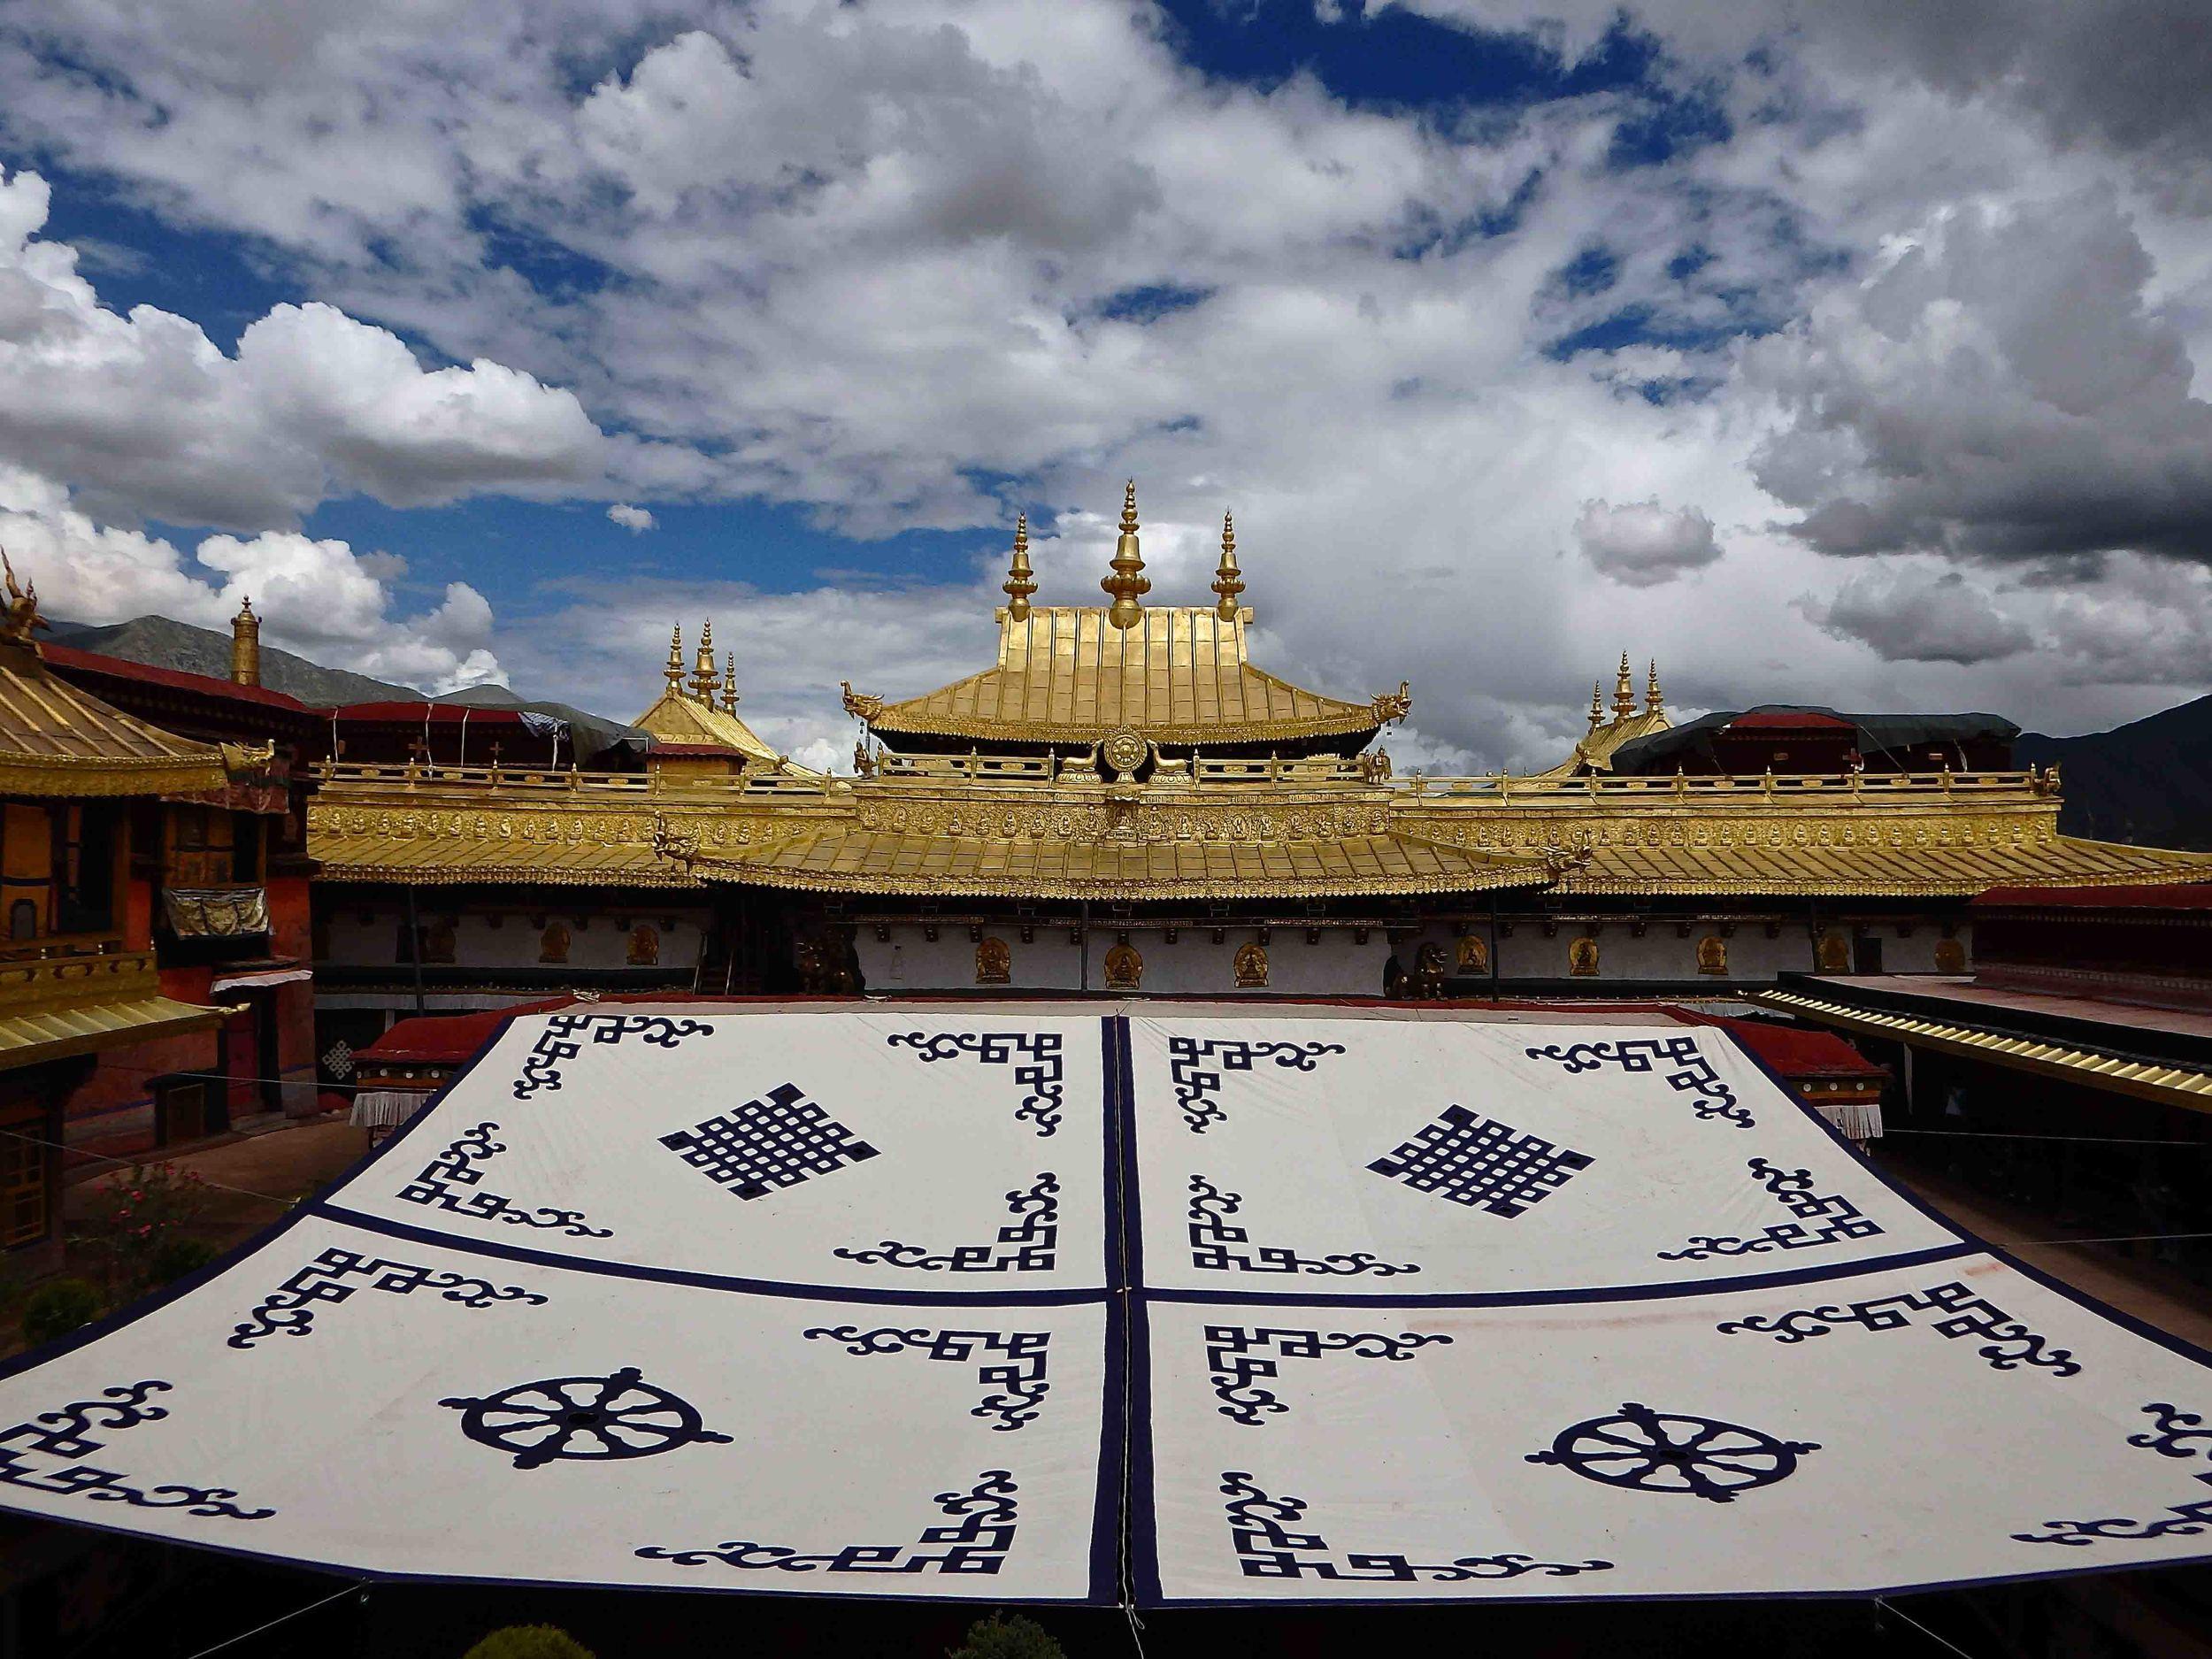 Jokhang Tempel in Lhasa, Tibet